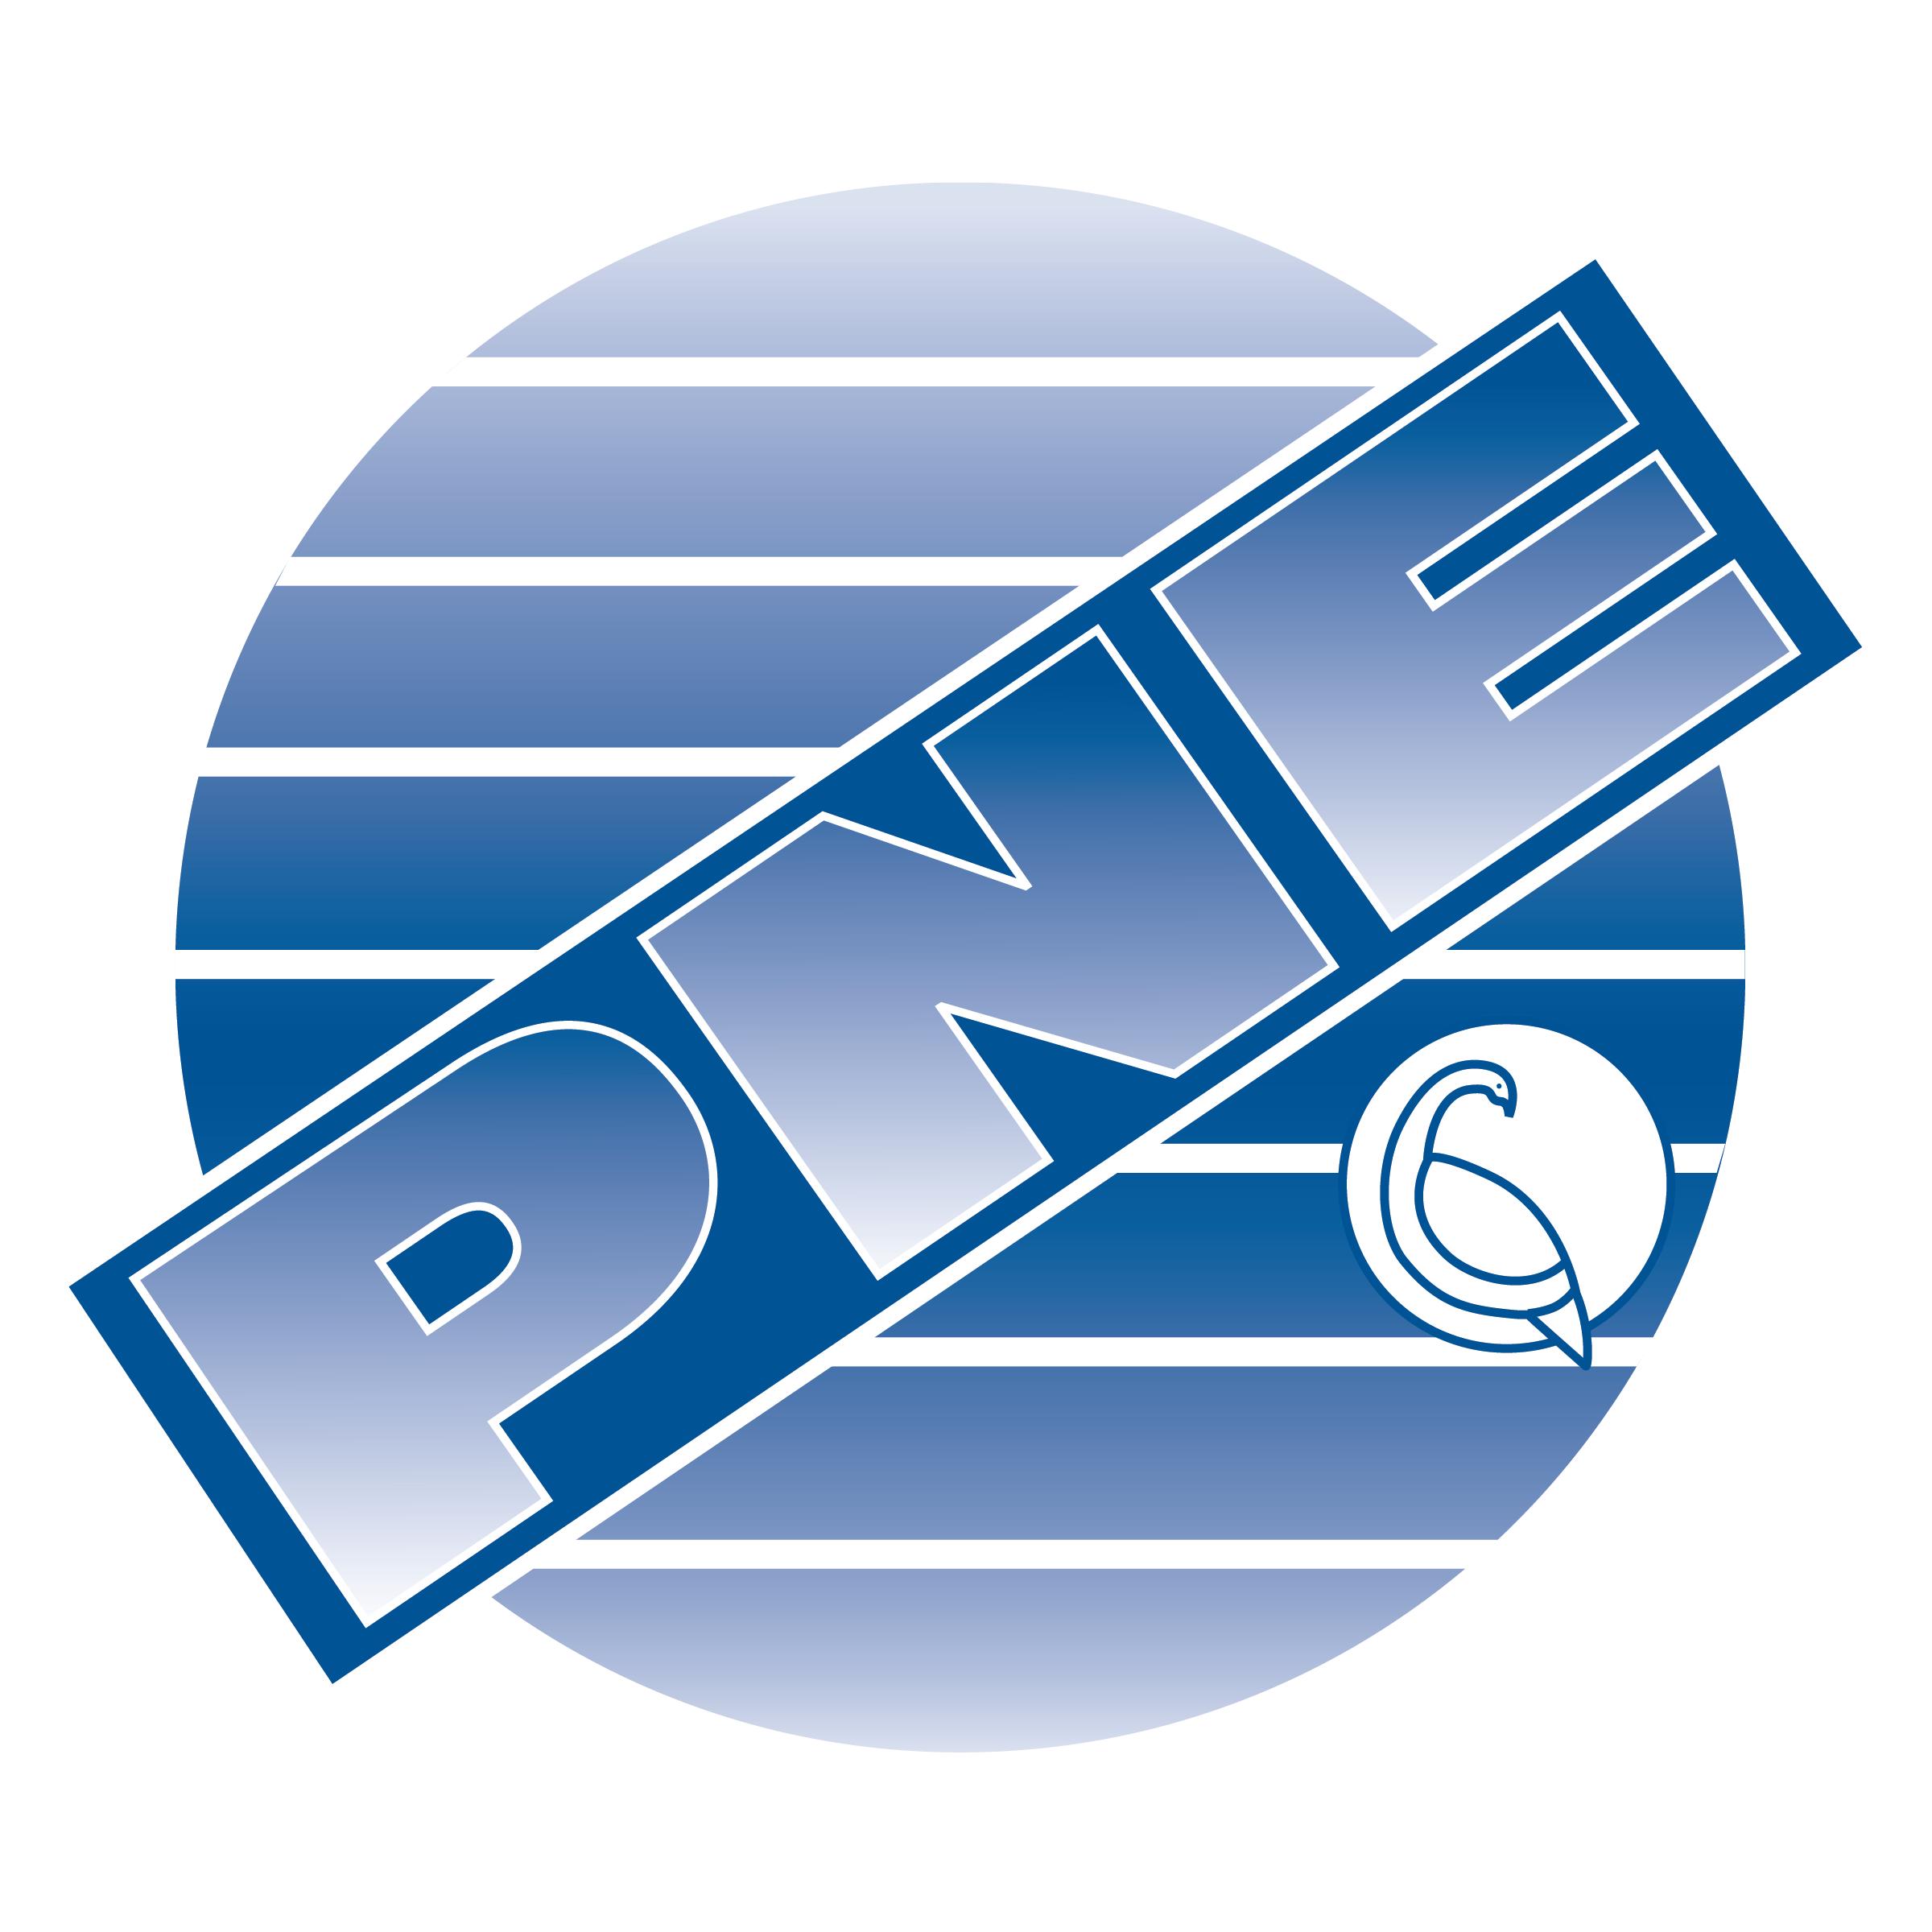 PNE Corporation